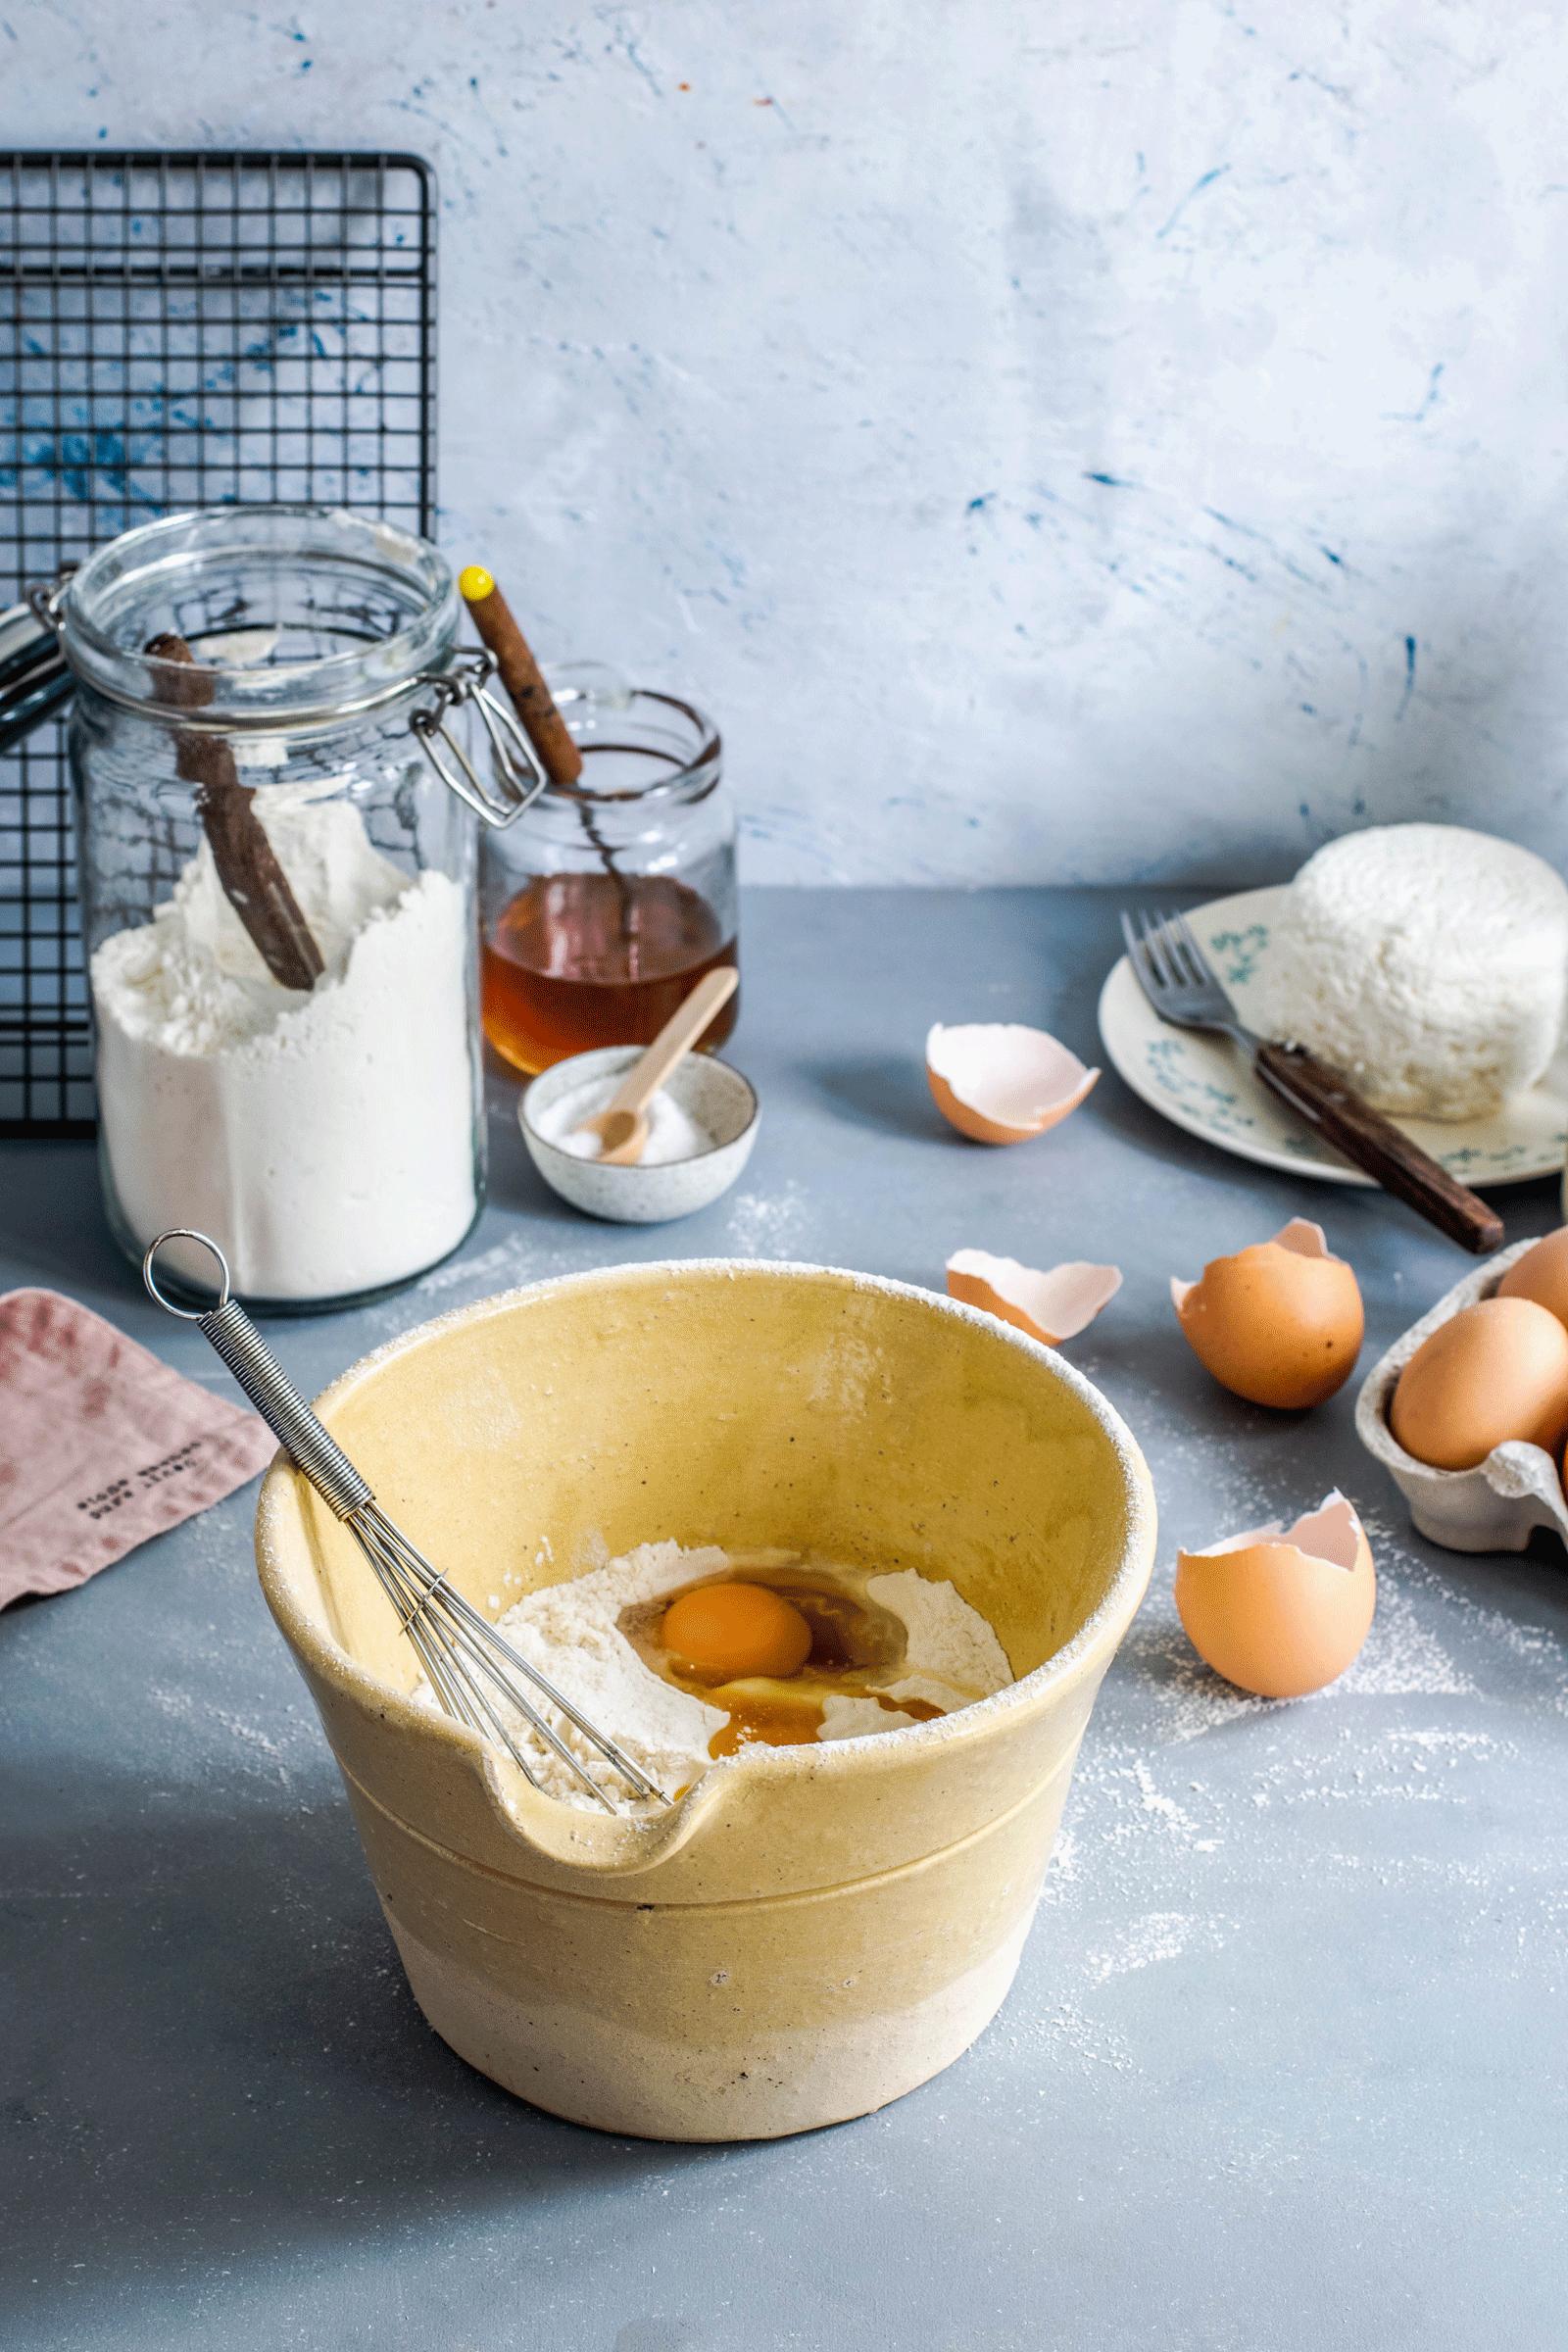 Basic Cake Making